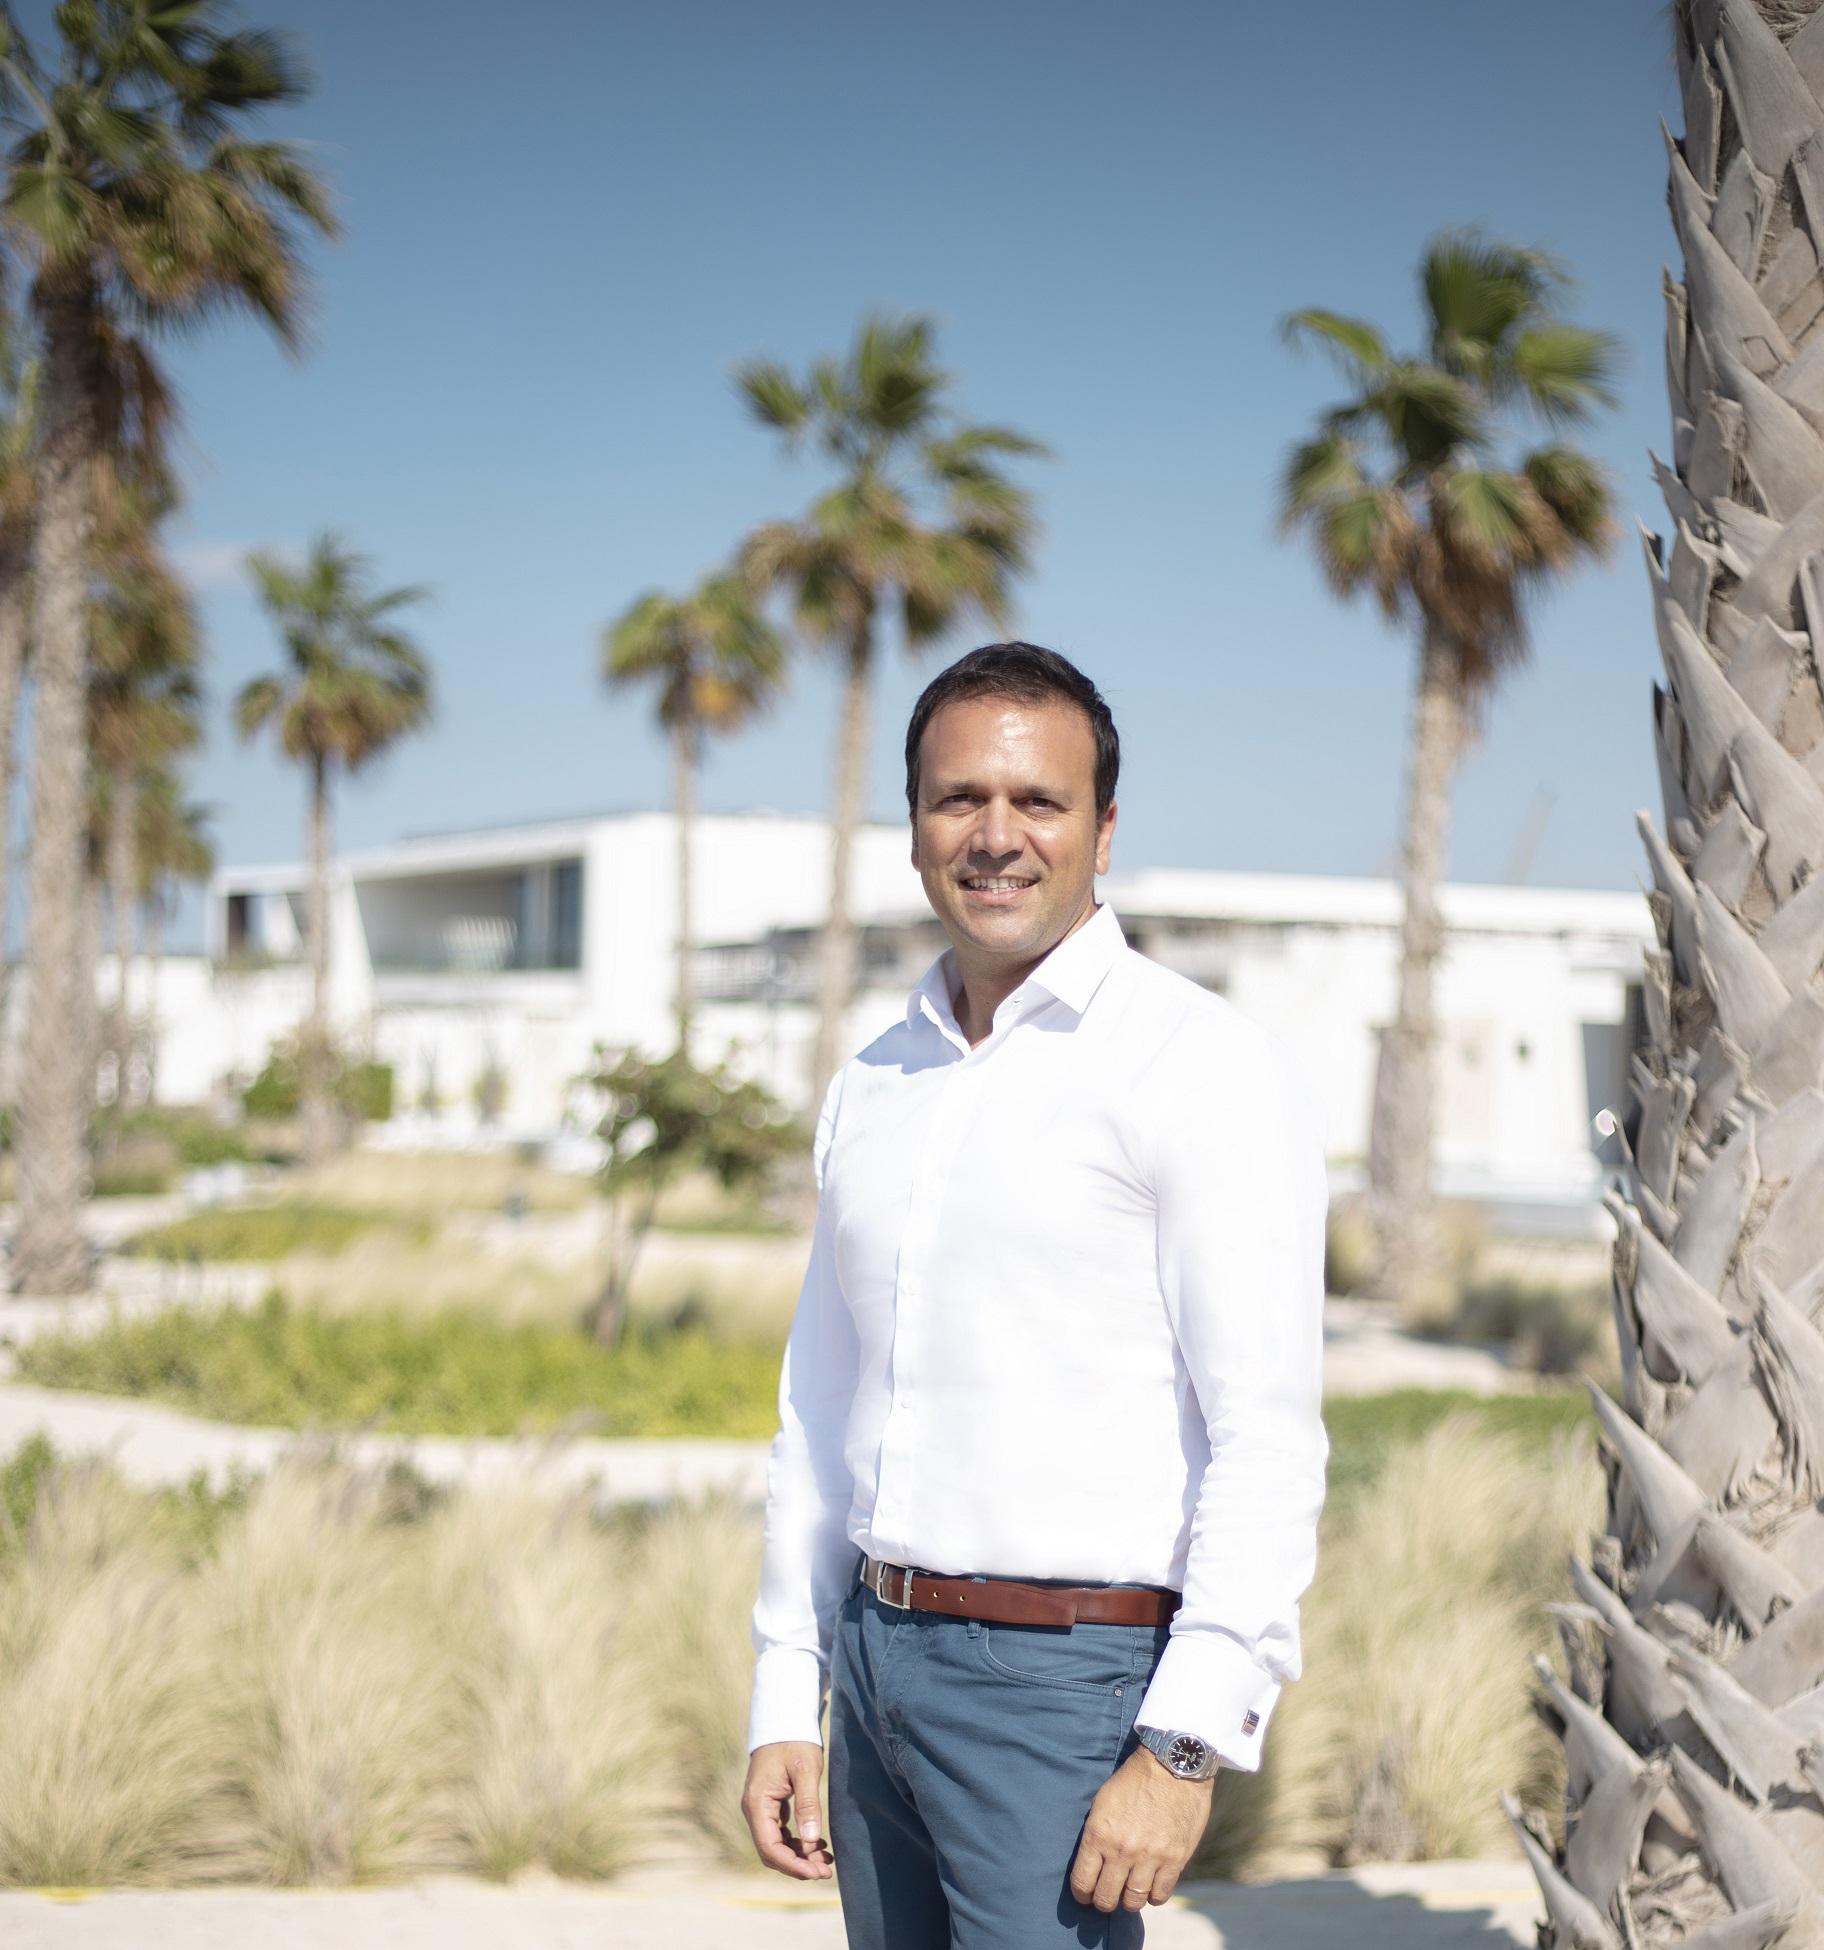 Nikki Beach Hotels & Resorts names head of global operations